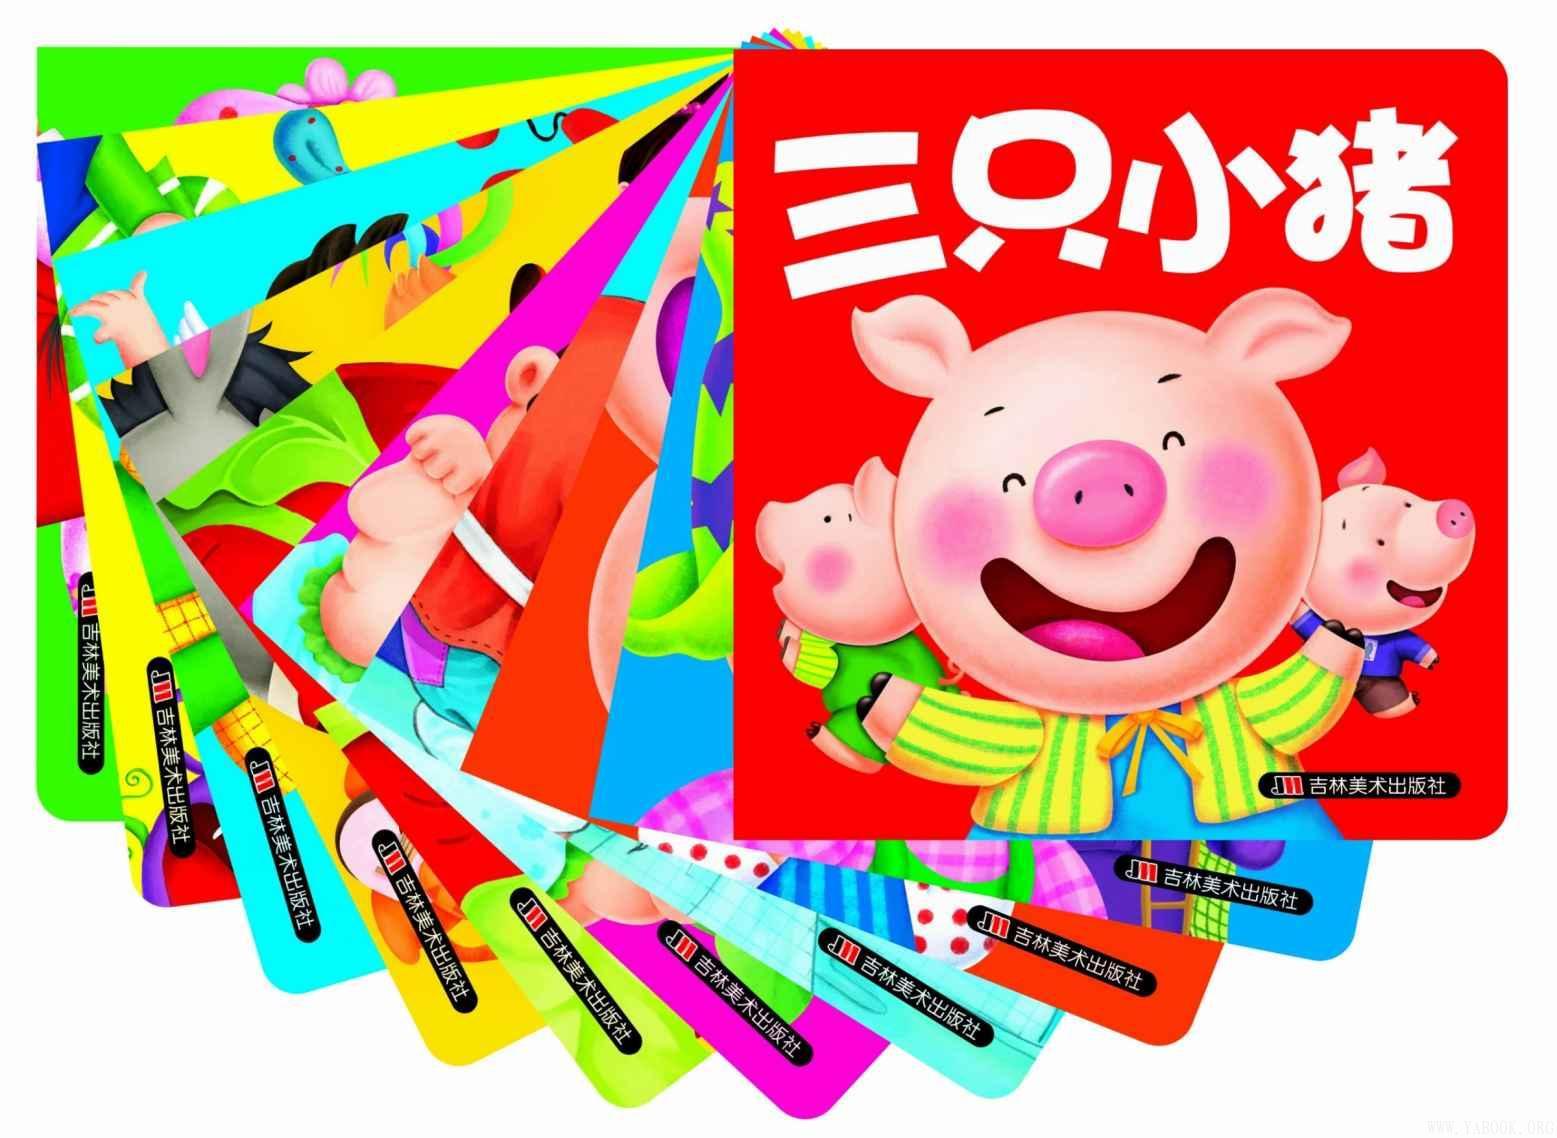 《0-3岁小婴孩必备全书:经典童话本》(套装10本)夏尔·贝洛【文字版_PDF电子书_下载】